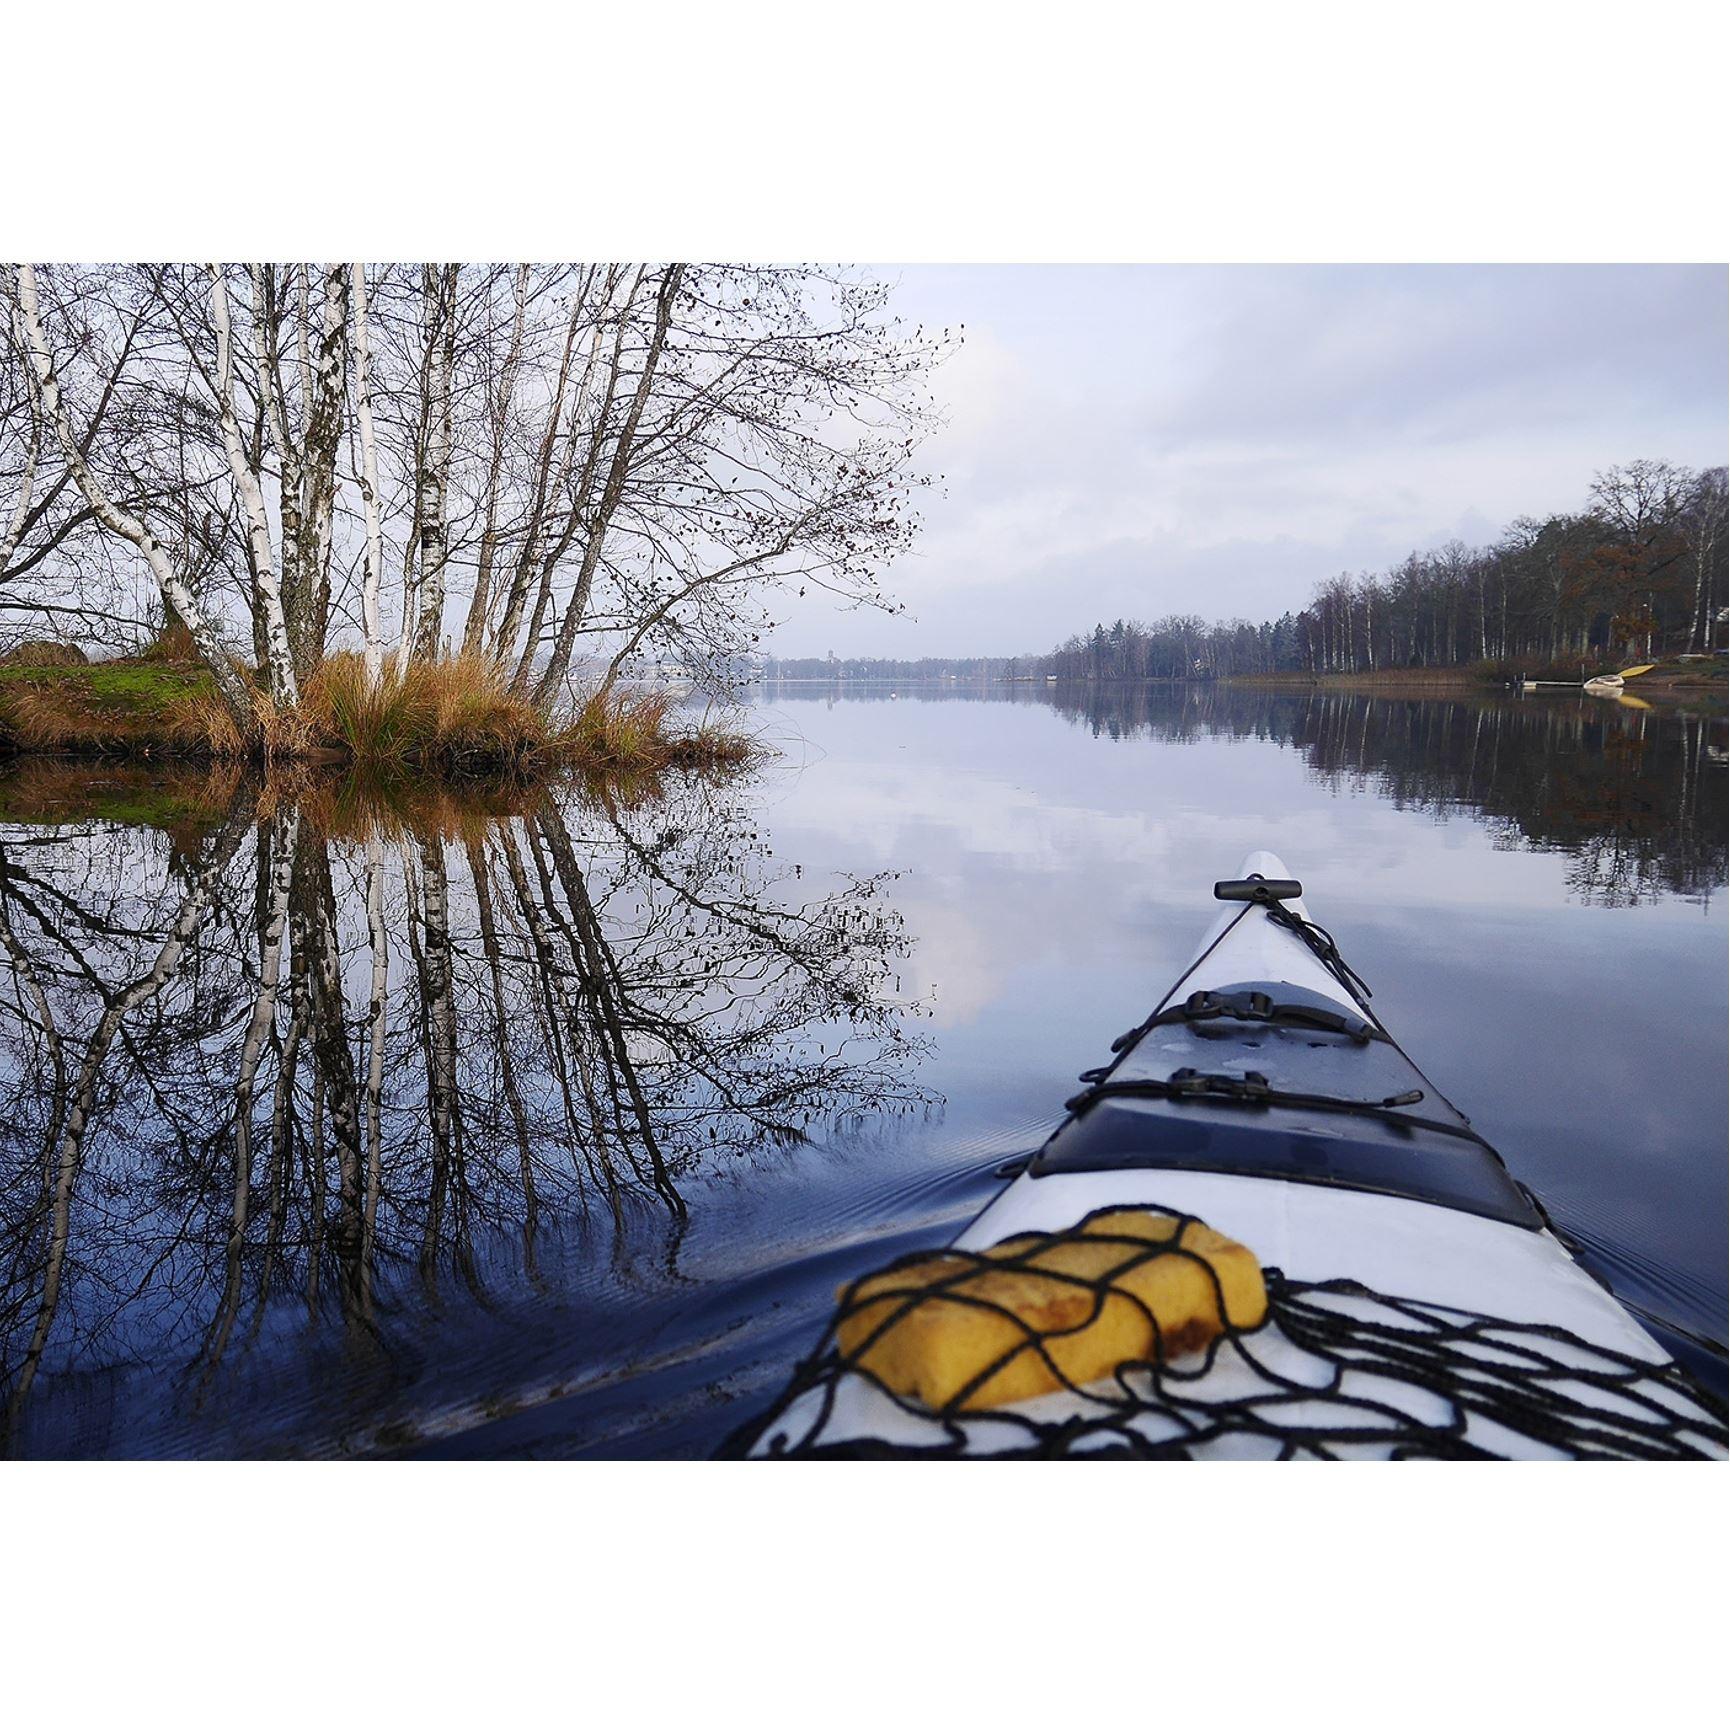 Paddeltur 1: Runt Näset i Osbysjön (4 km eller mer)